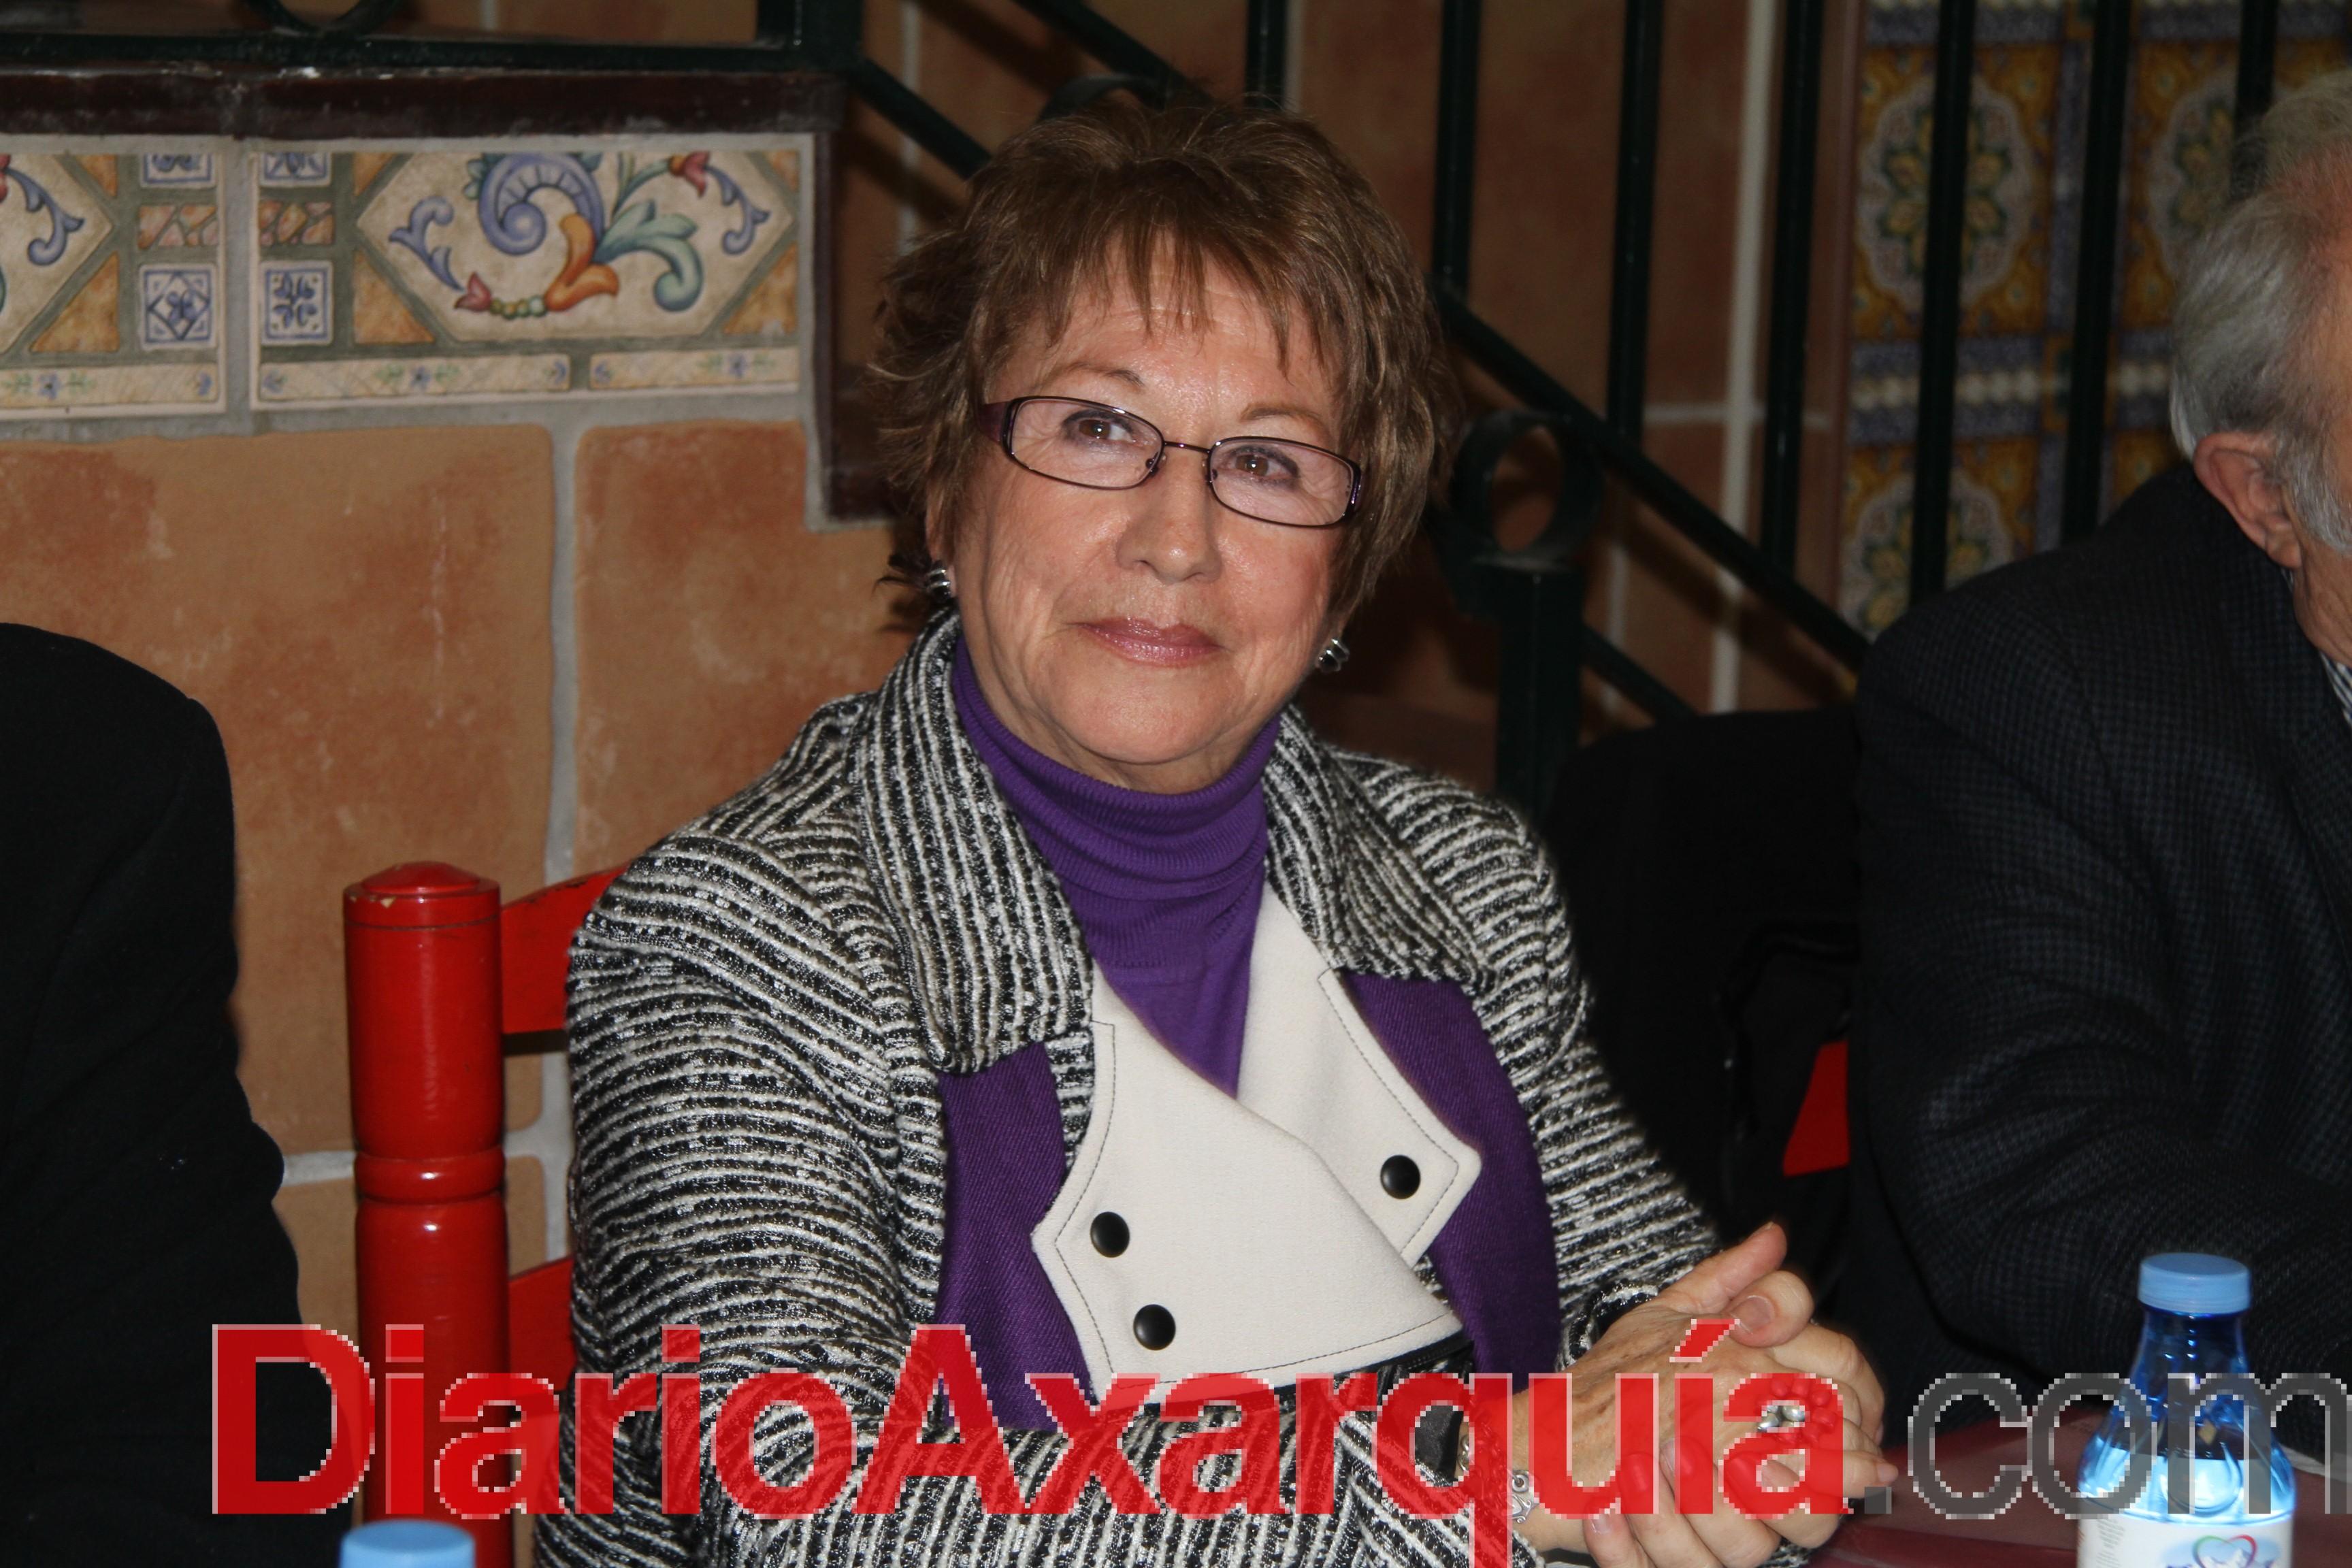 Presentado con éxito 'Mirada en color', el libro de Margarita García- Galán